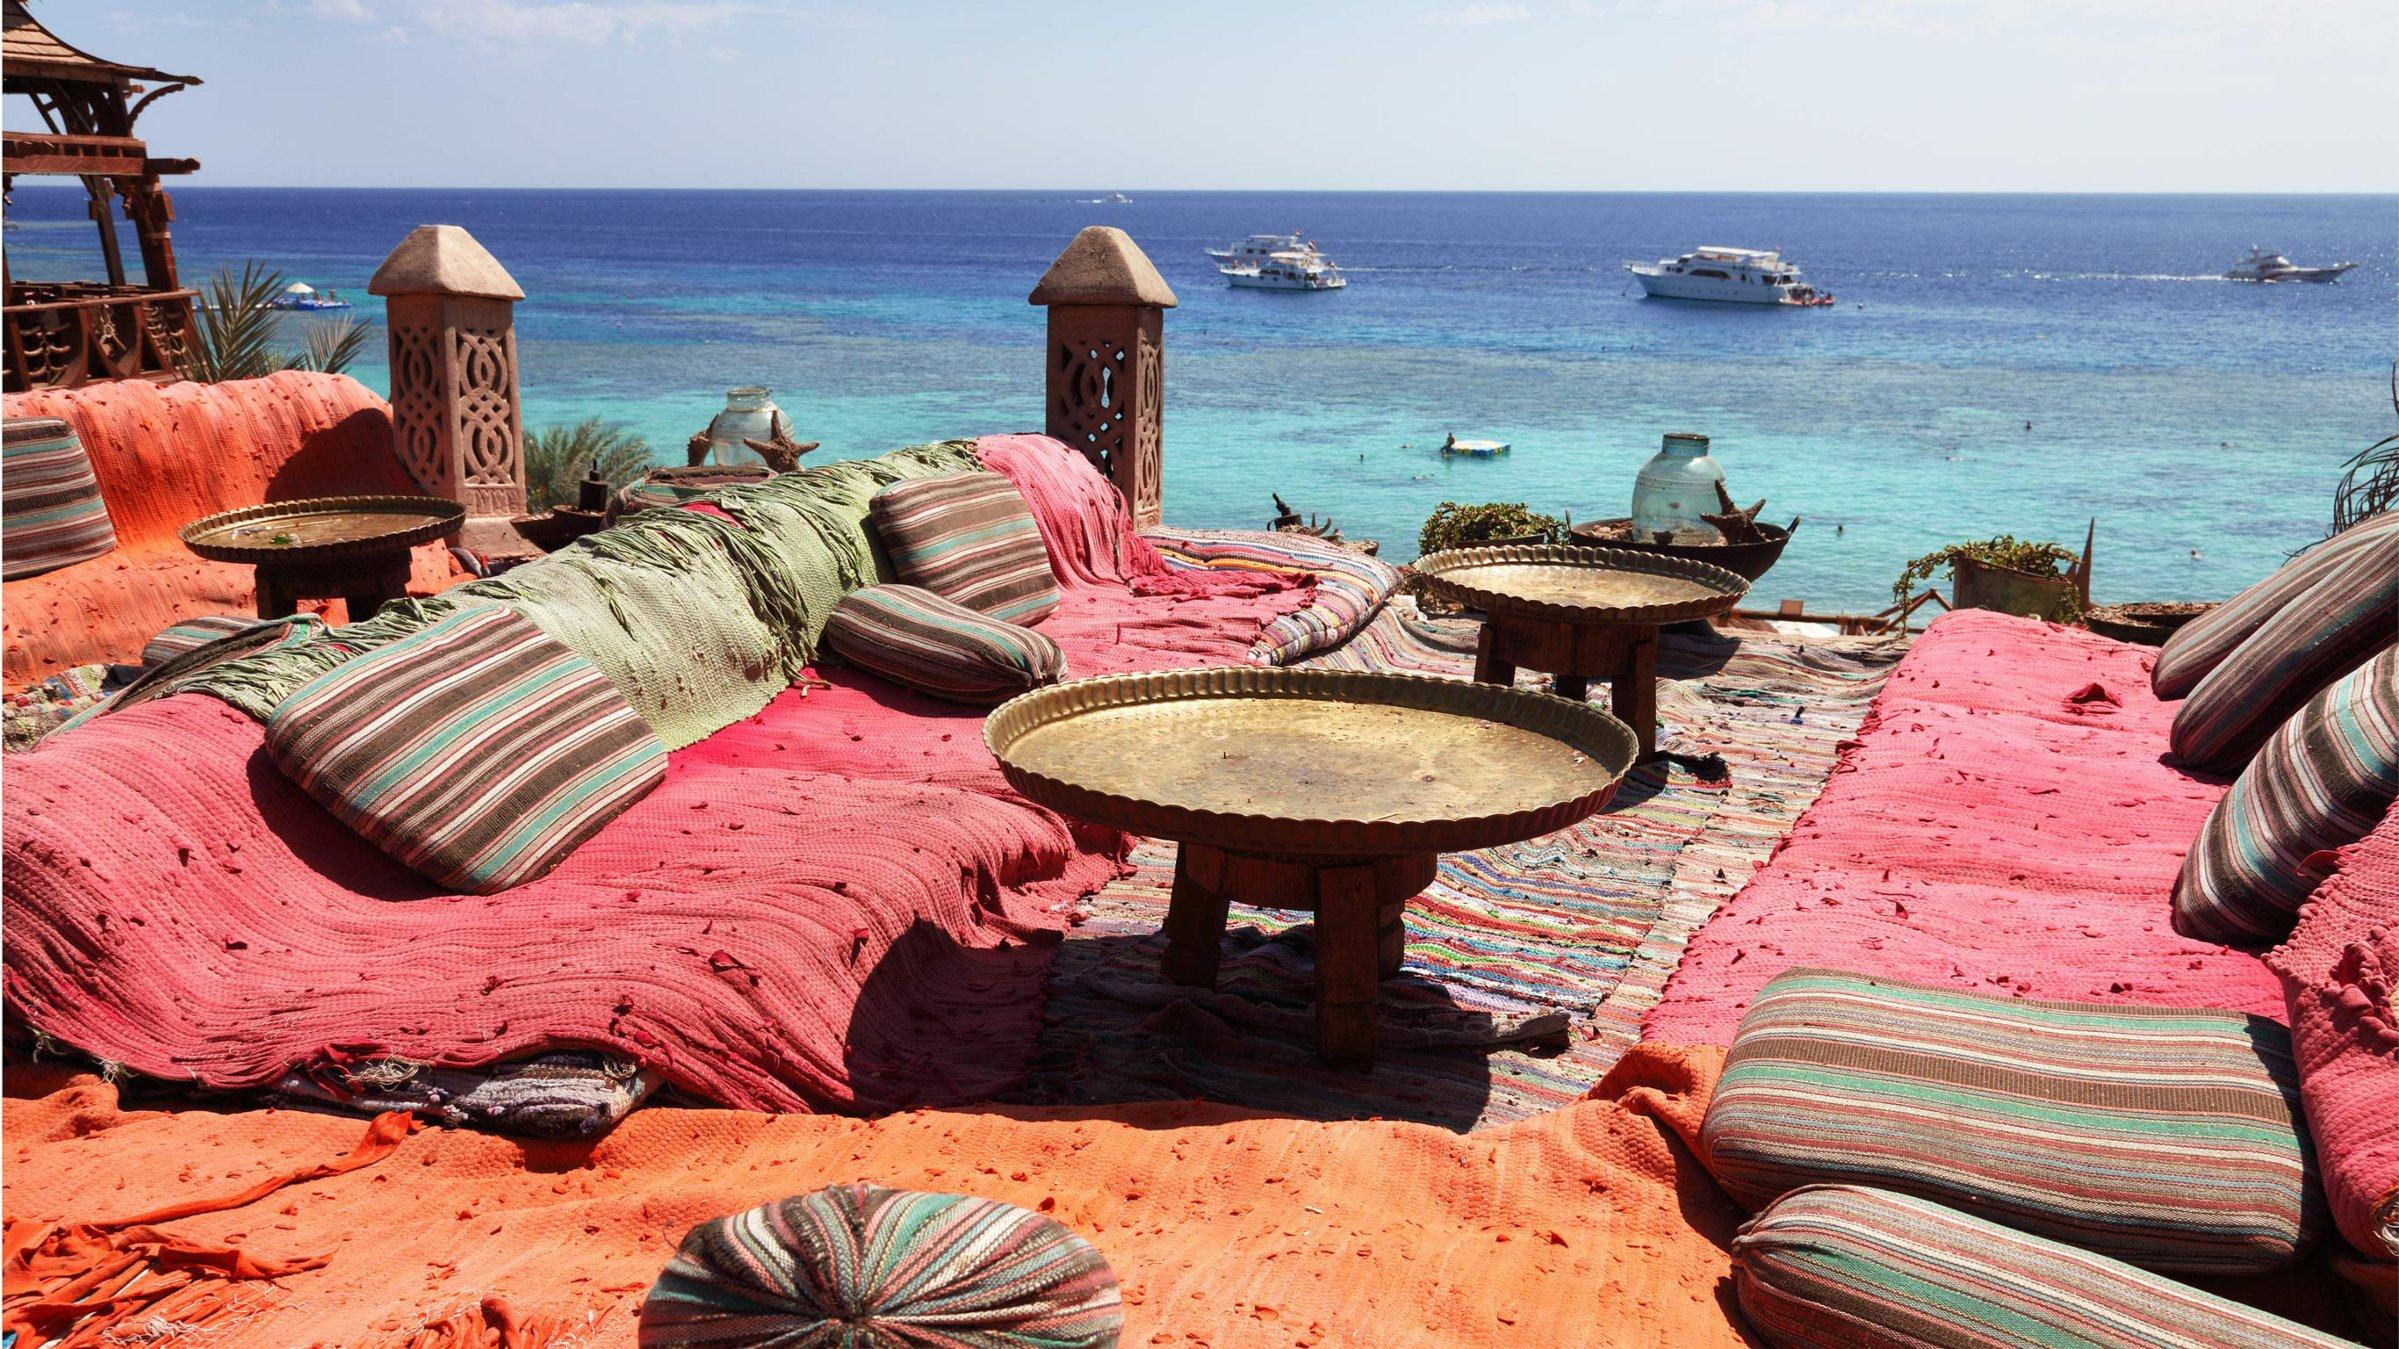 6-Day Dahab Adventure - Egypt Itinerary